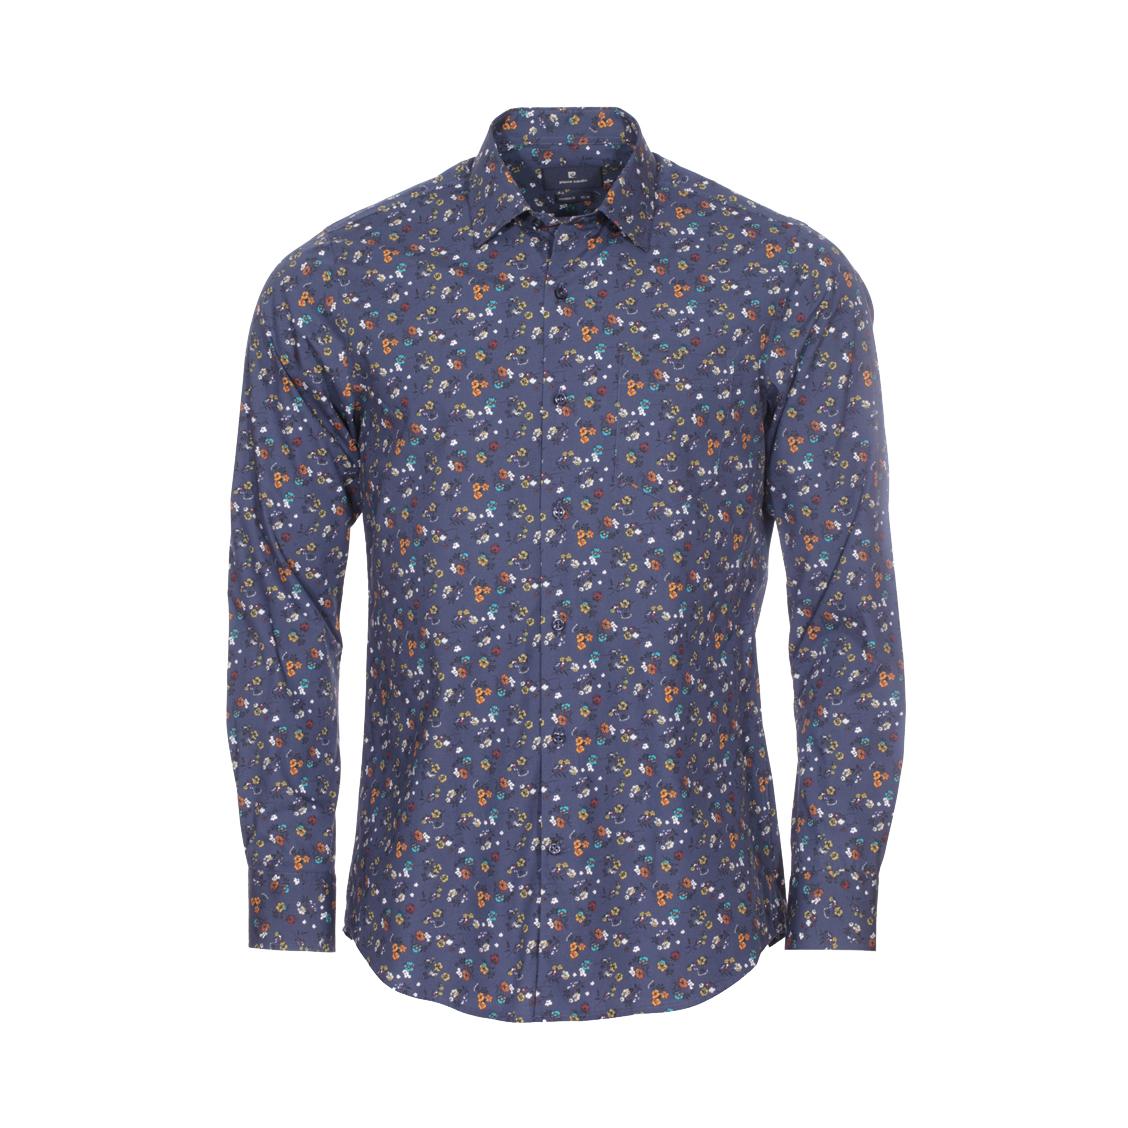 Chemise ajustée  en coton bleu marine à imprimés floraux multicolores